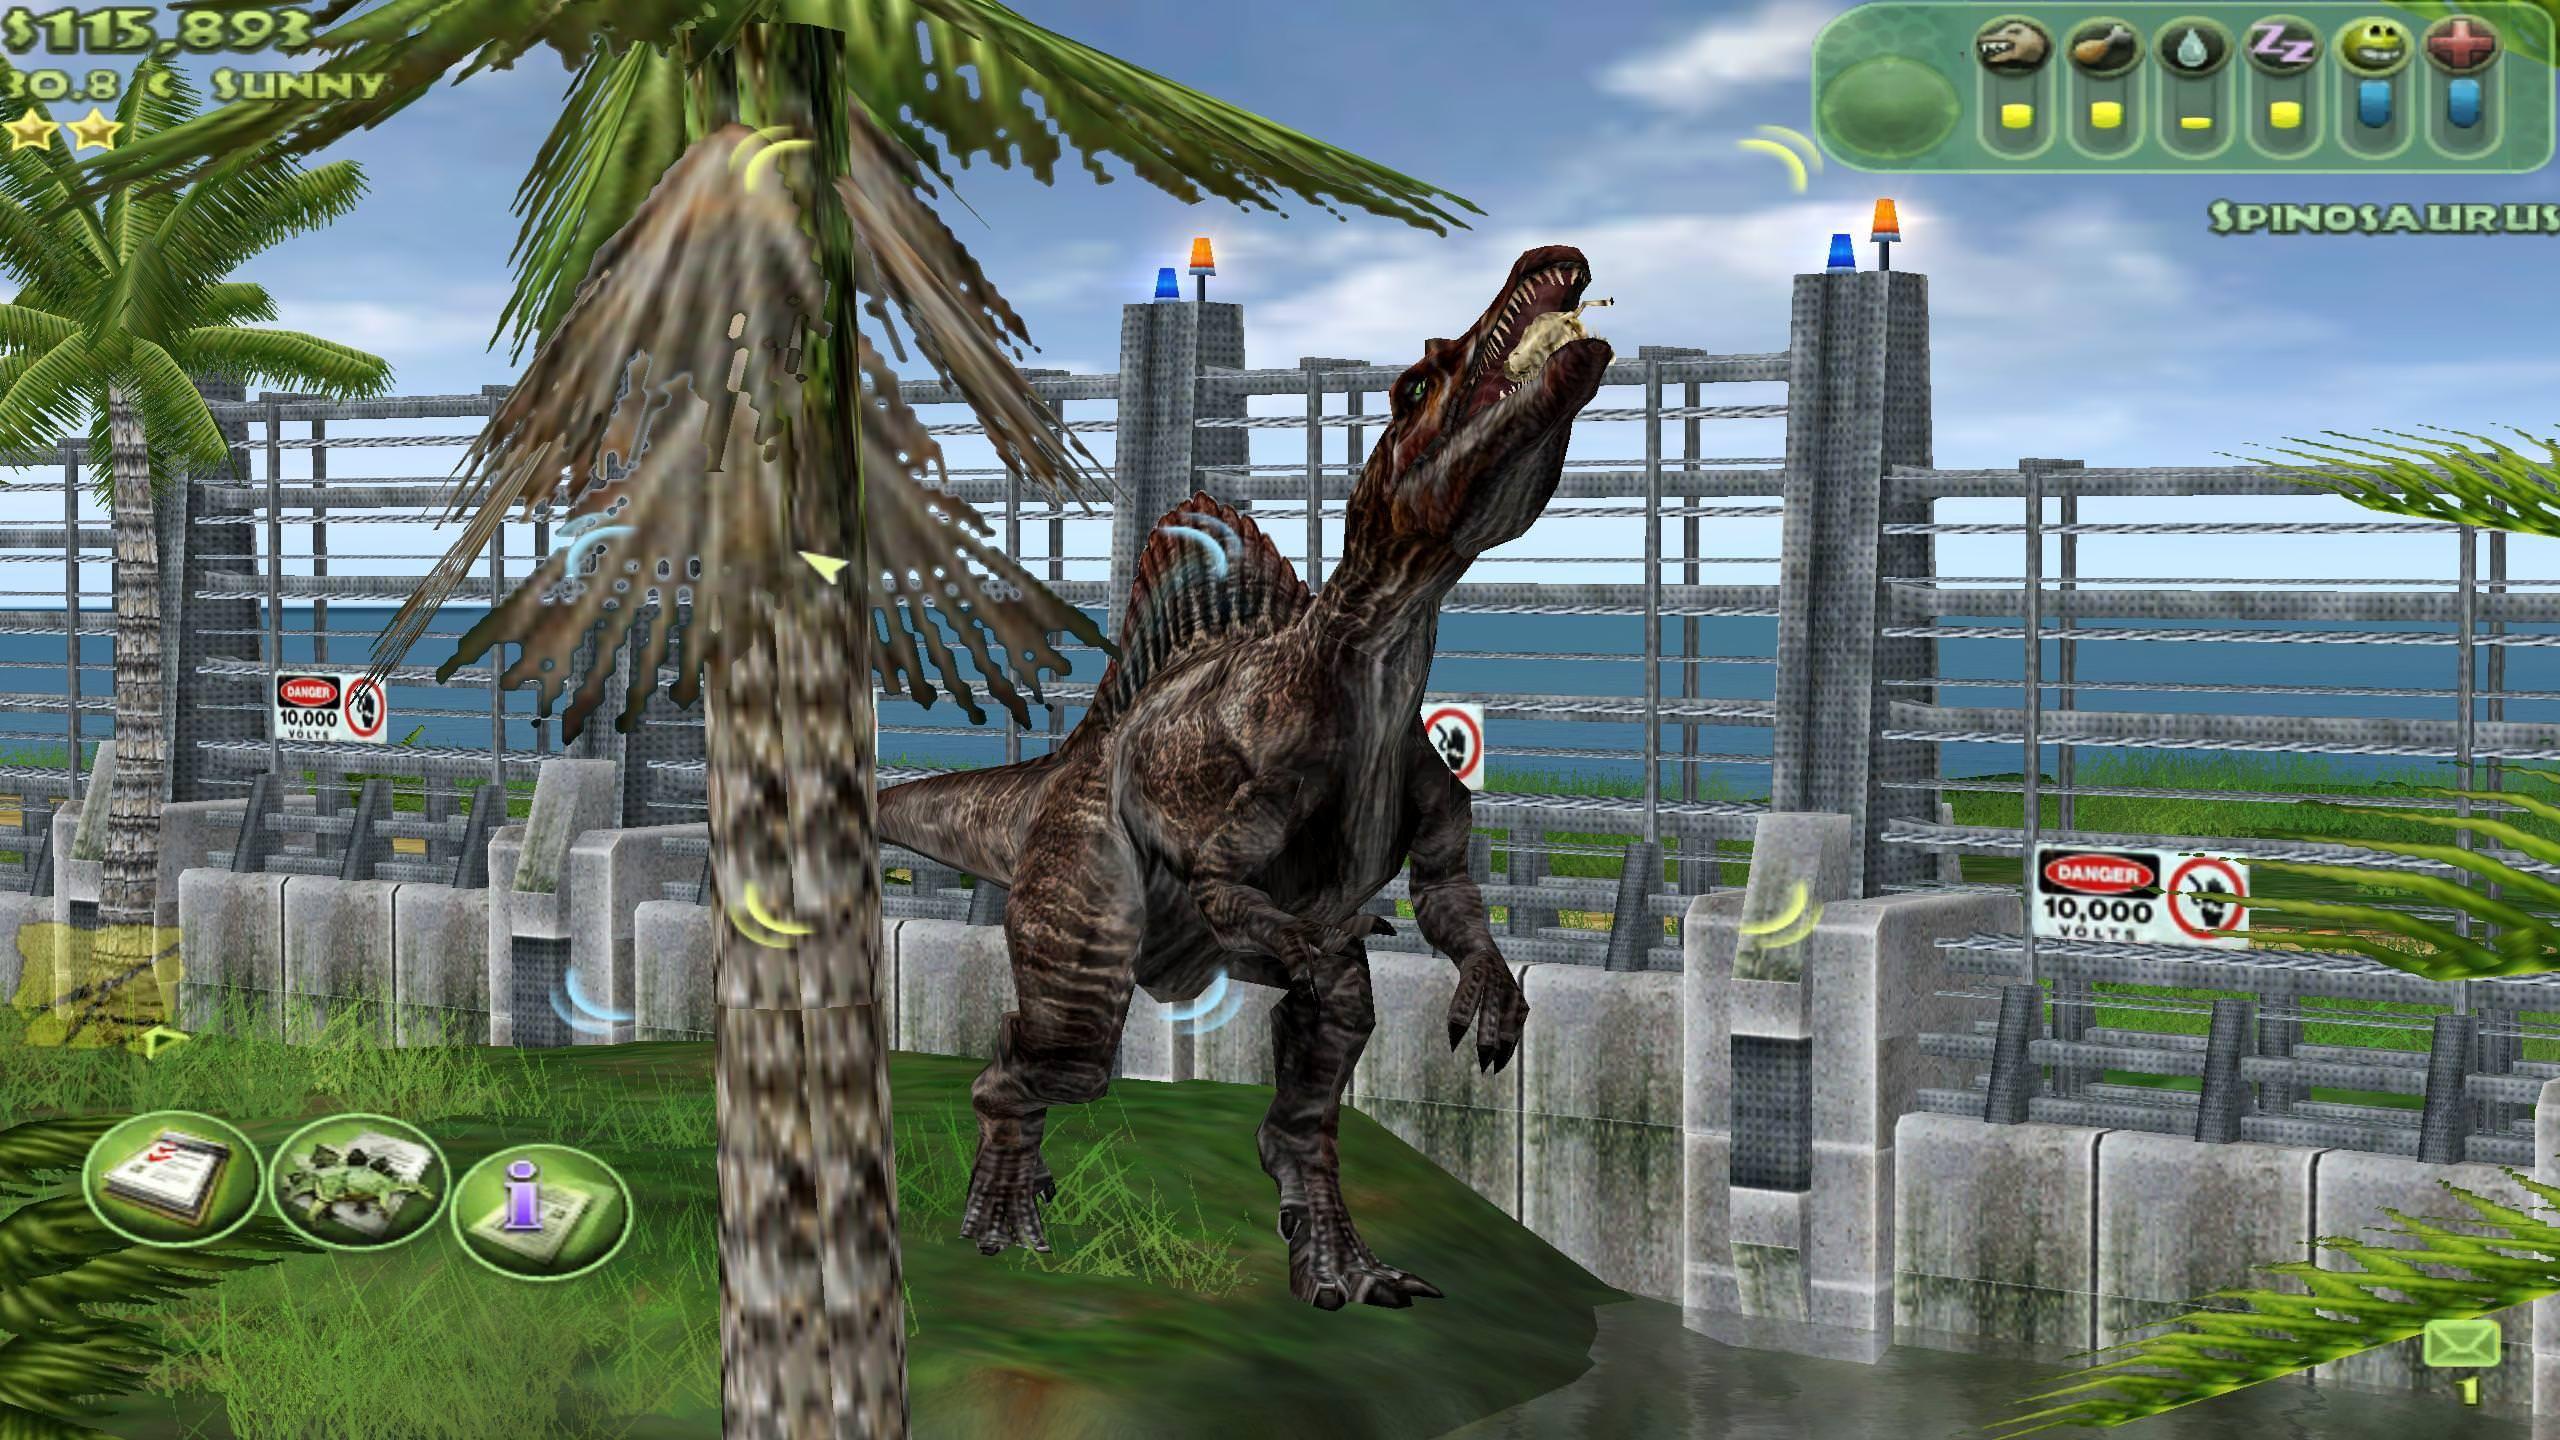 resumo o objetivo do jogo recriar o jurassic park construindo um rh pinterest com